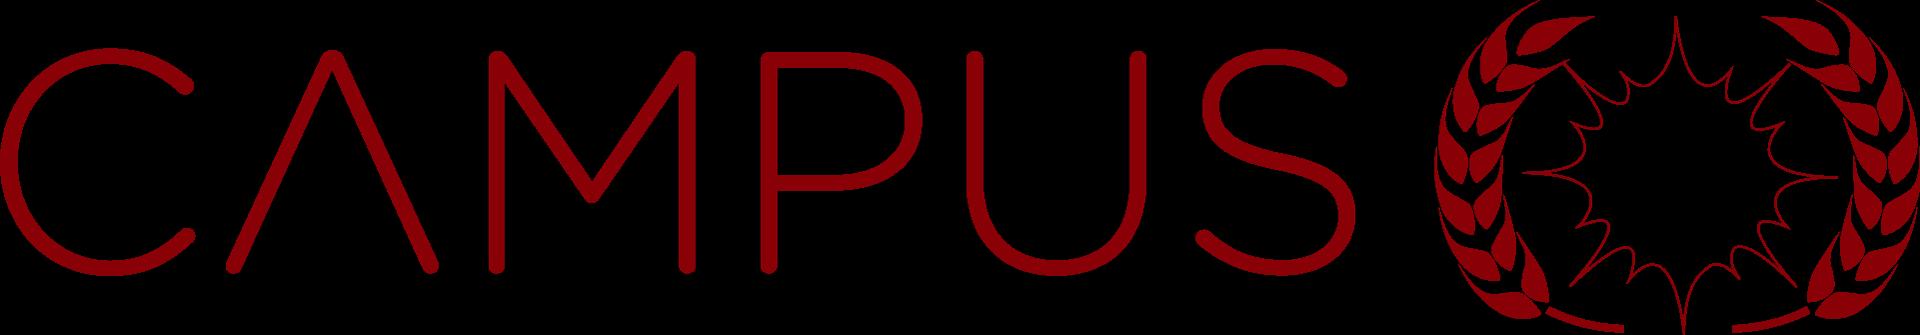 logo_campus_polistuc